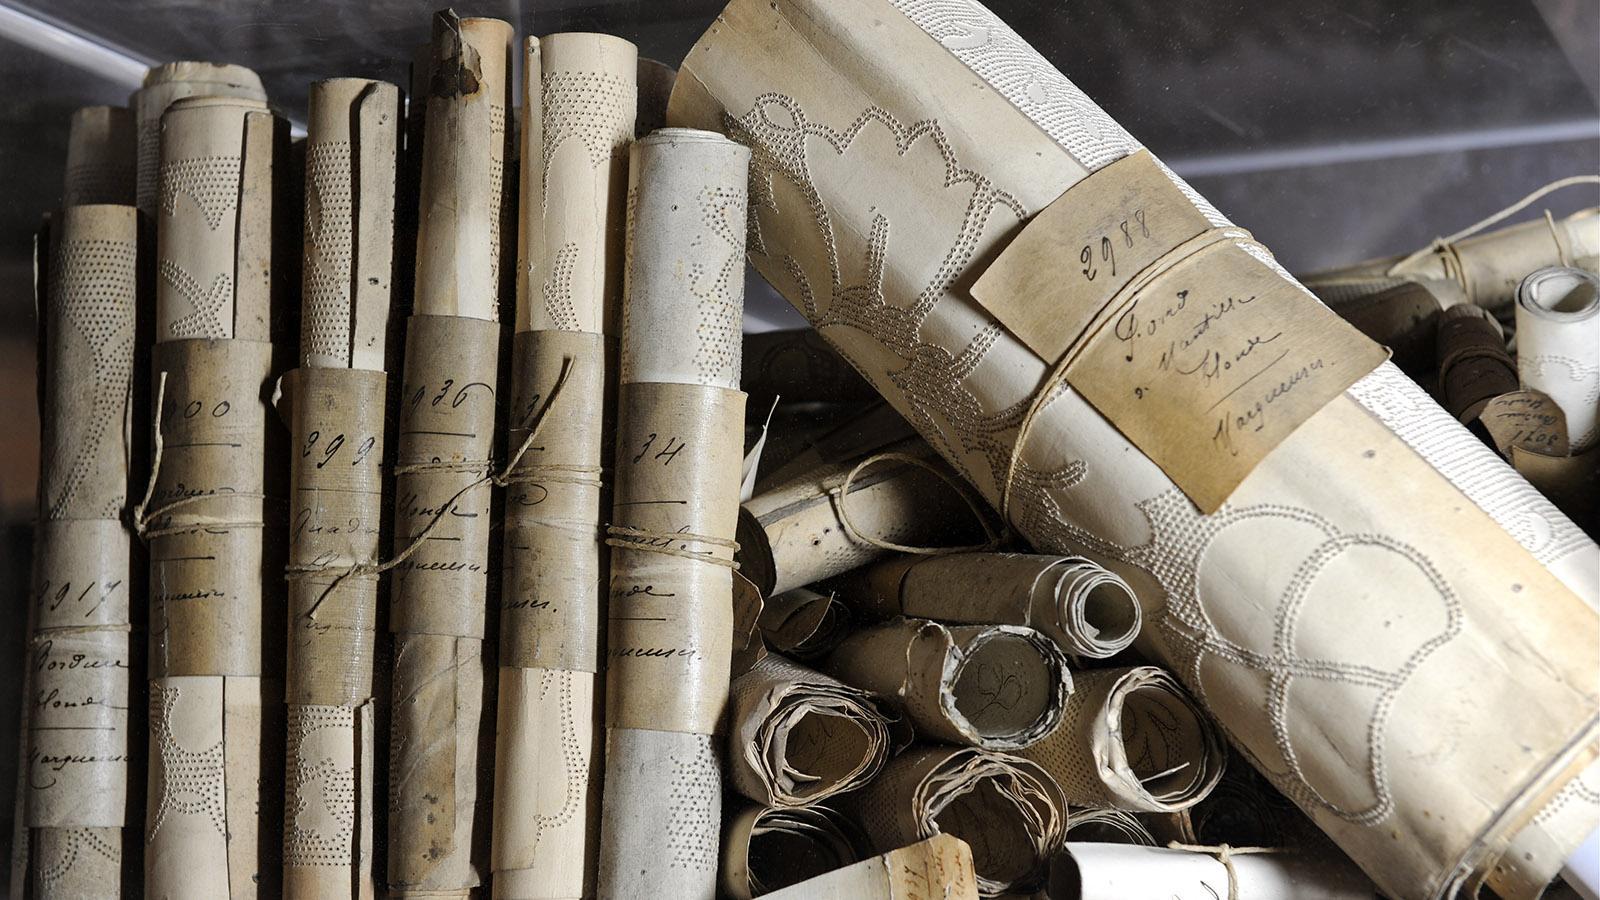 Musterbücher der Klöppler, zu sehen im Museum. Foto: S. Maurice / Bayeux Museum.